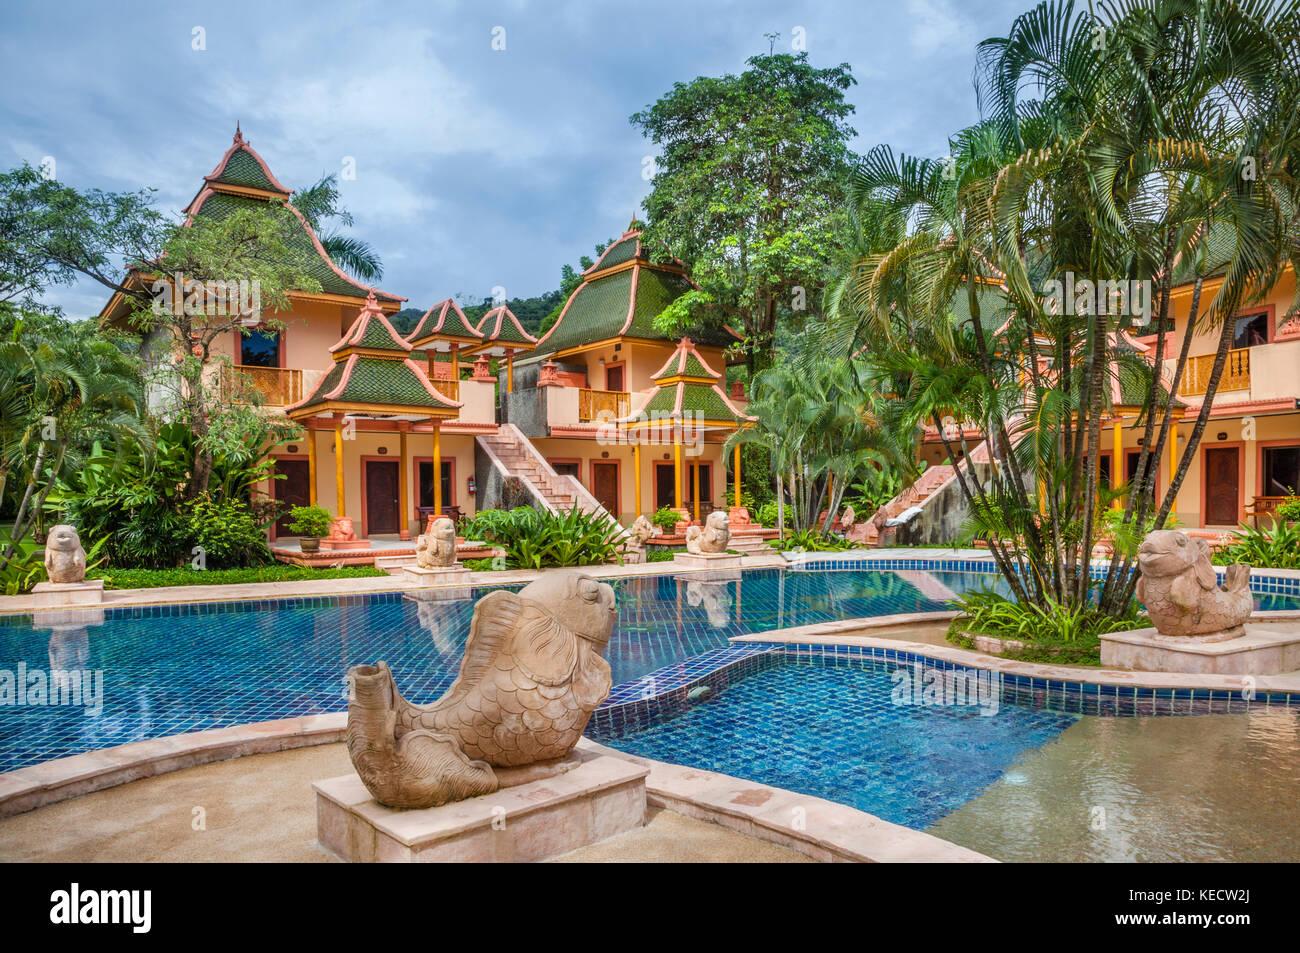 Thailand, Trat Provinz, Koh Chang Insel im Golf von Thailand, Ao Klong Phrao Beach, Pool der Coconut Beach Resort Stockbild